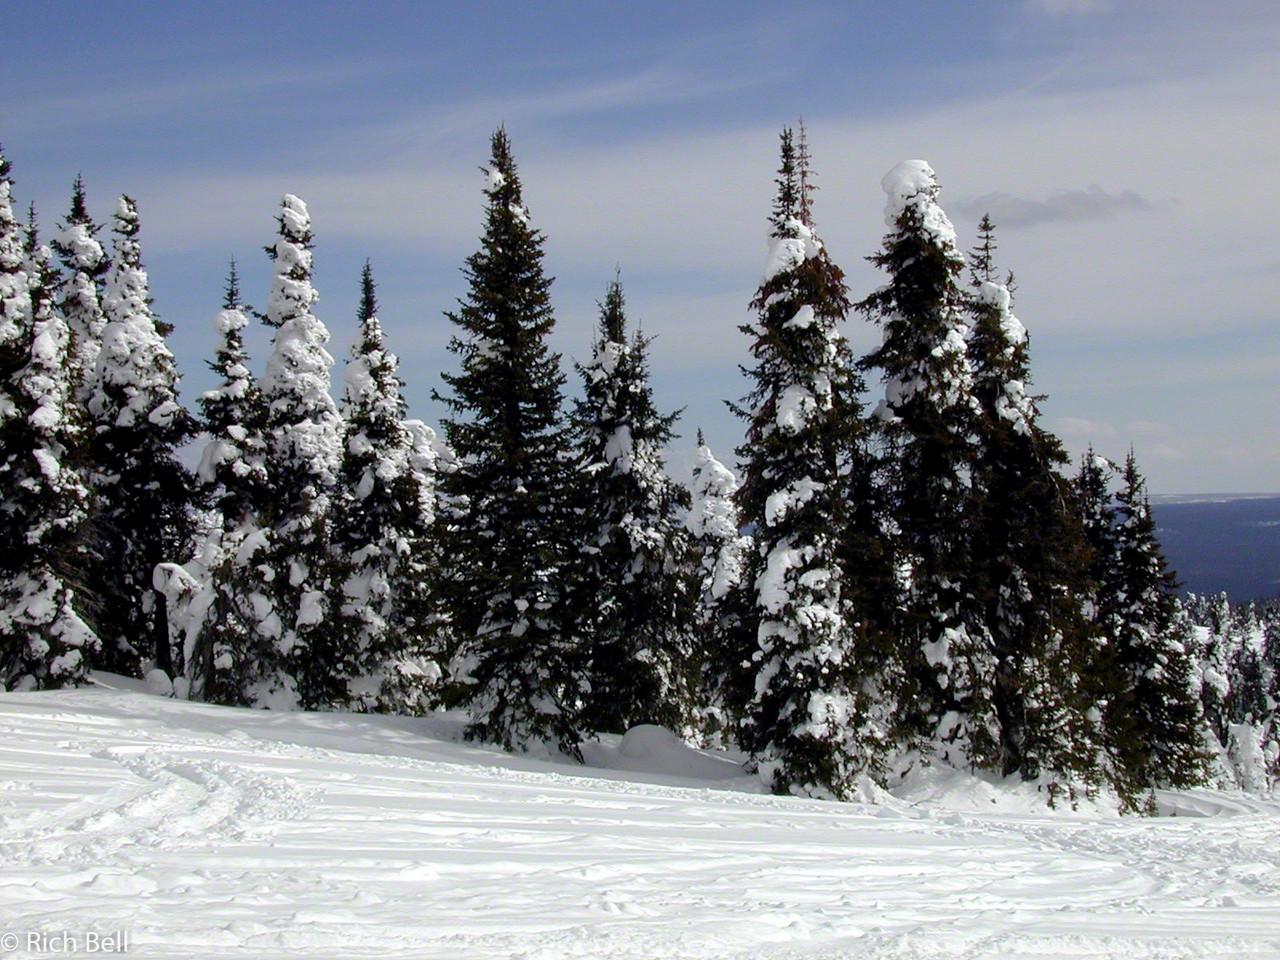 20100721Snow Covered Trees in Idaho near Yellowstone 60071